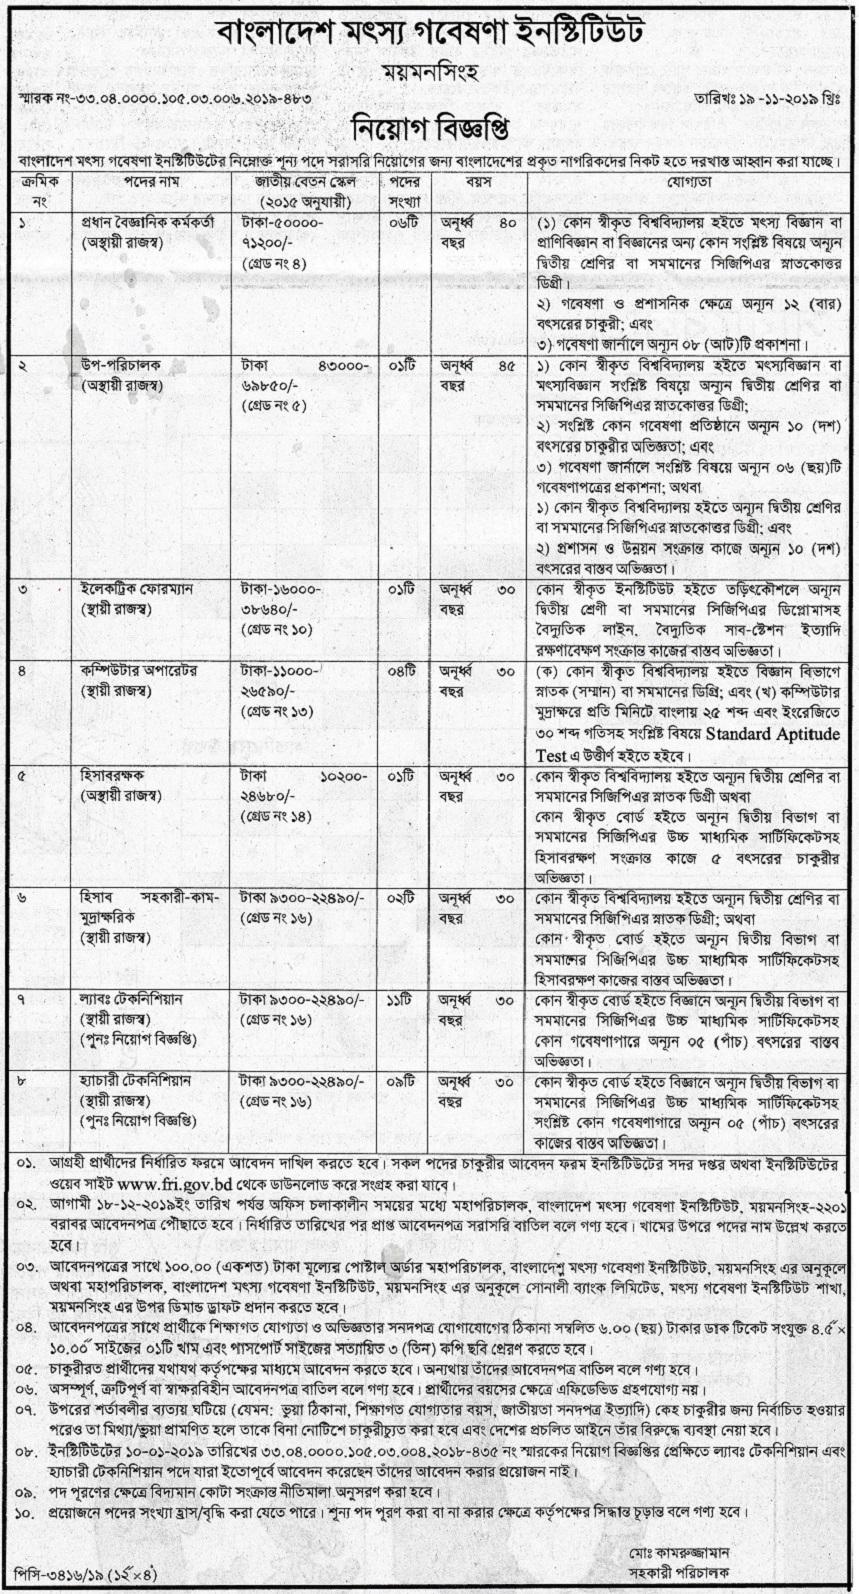 Bangladesh Fisheries Research Institute Job Circular 2019